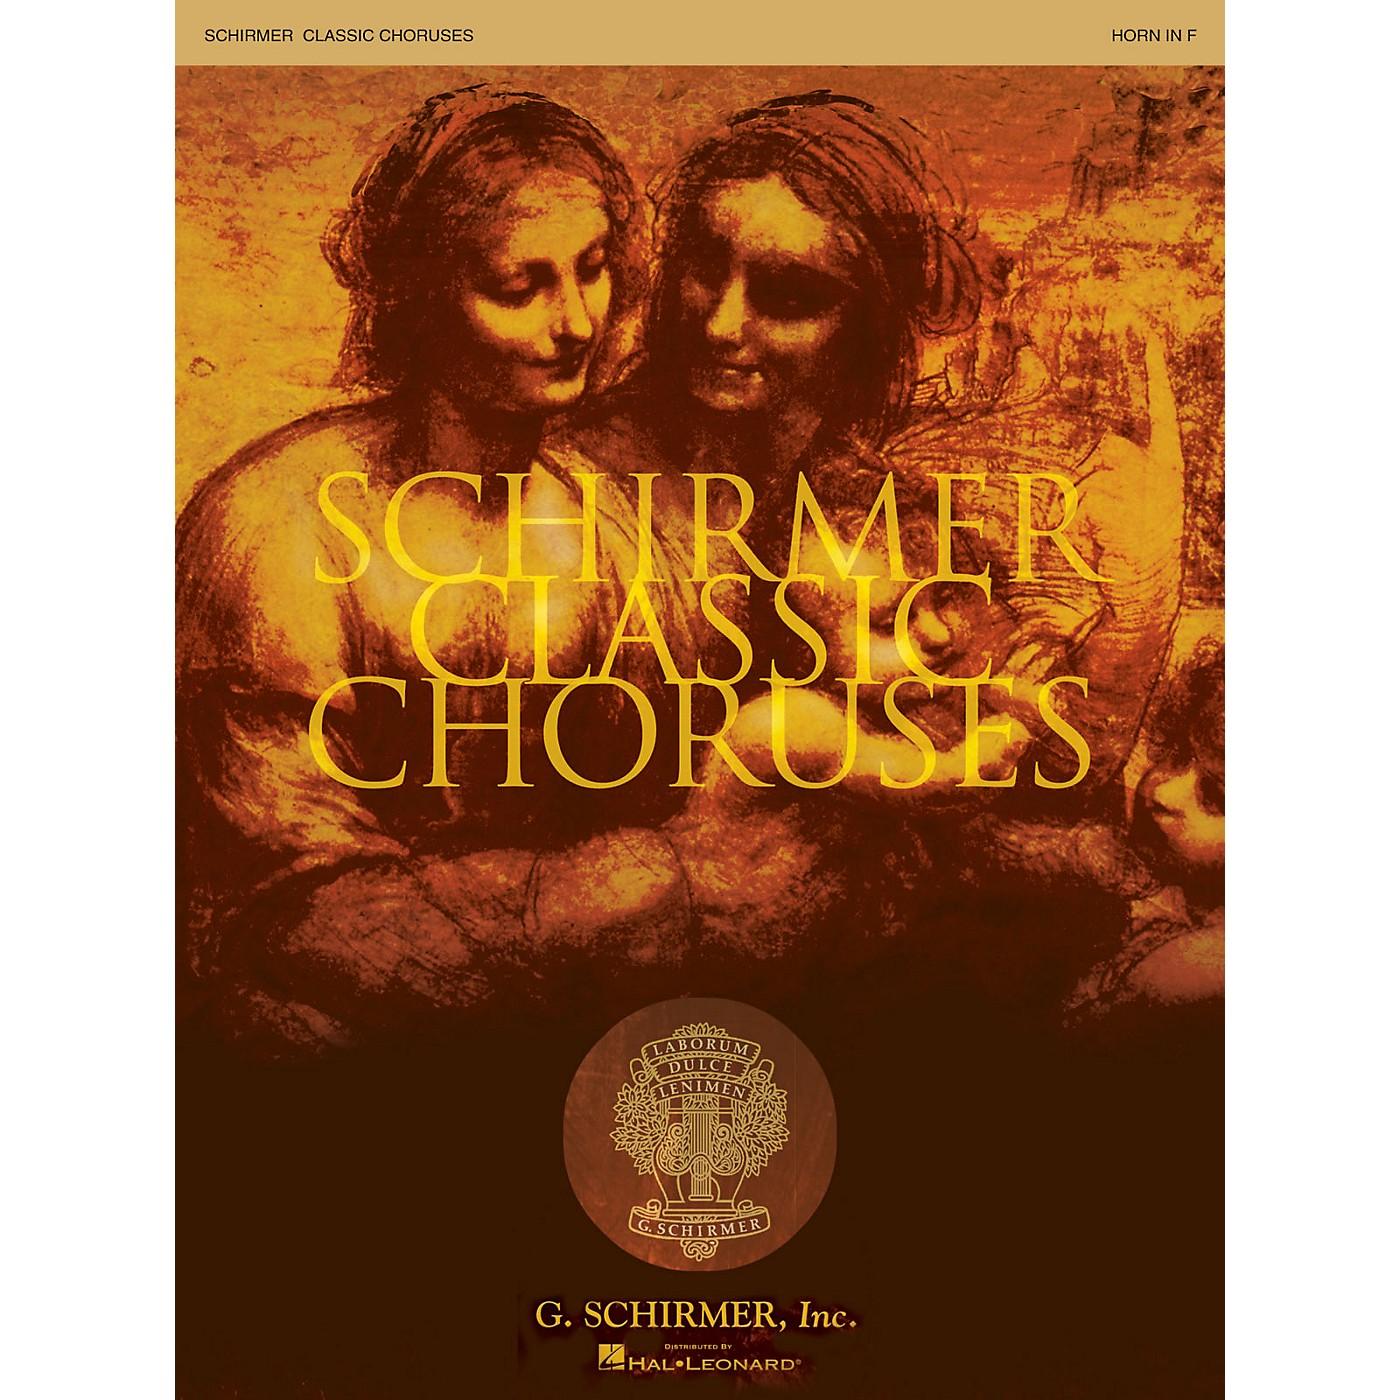 G. Schirmer Schirmer Classic Choruses (Horn in F) arranged by Stan Pethel thumbnail